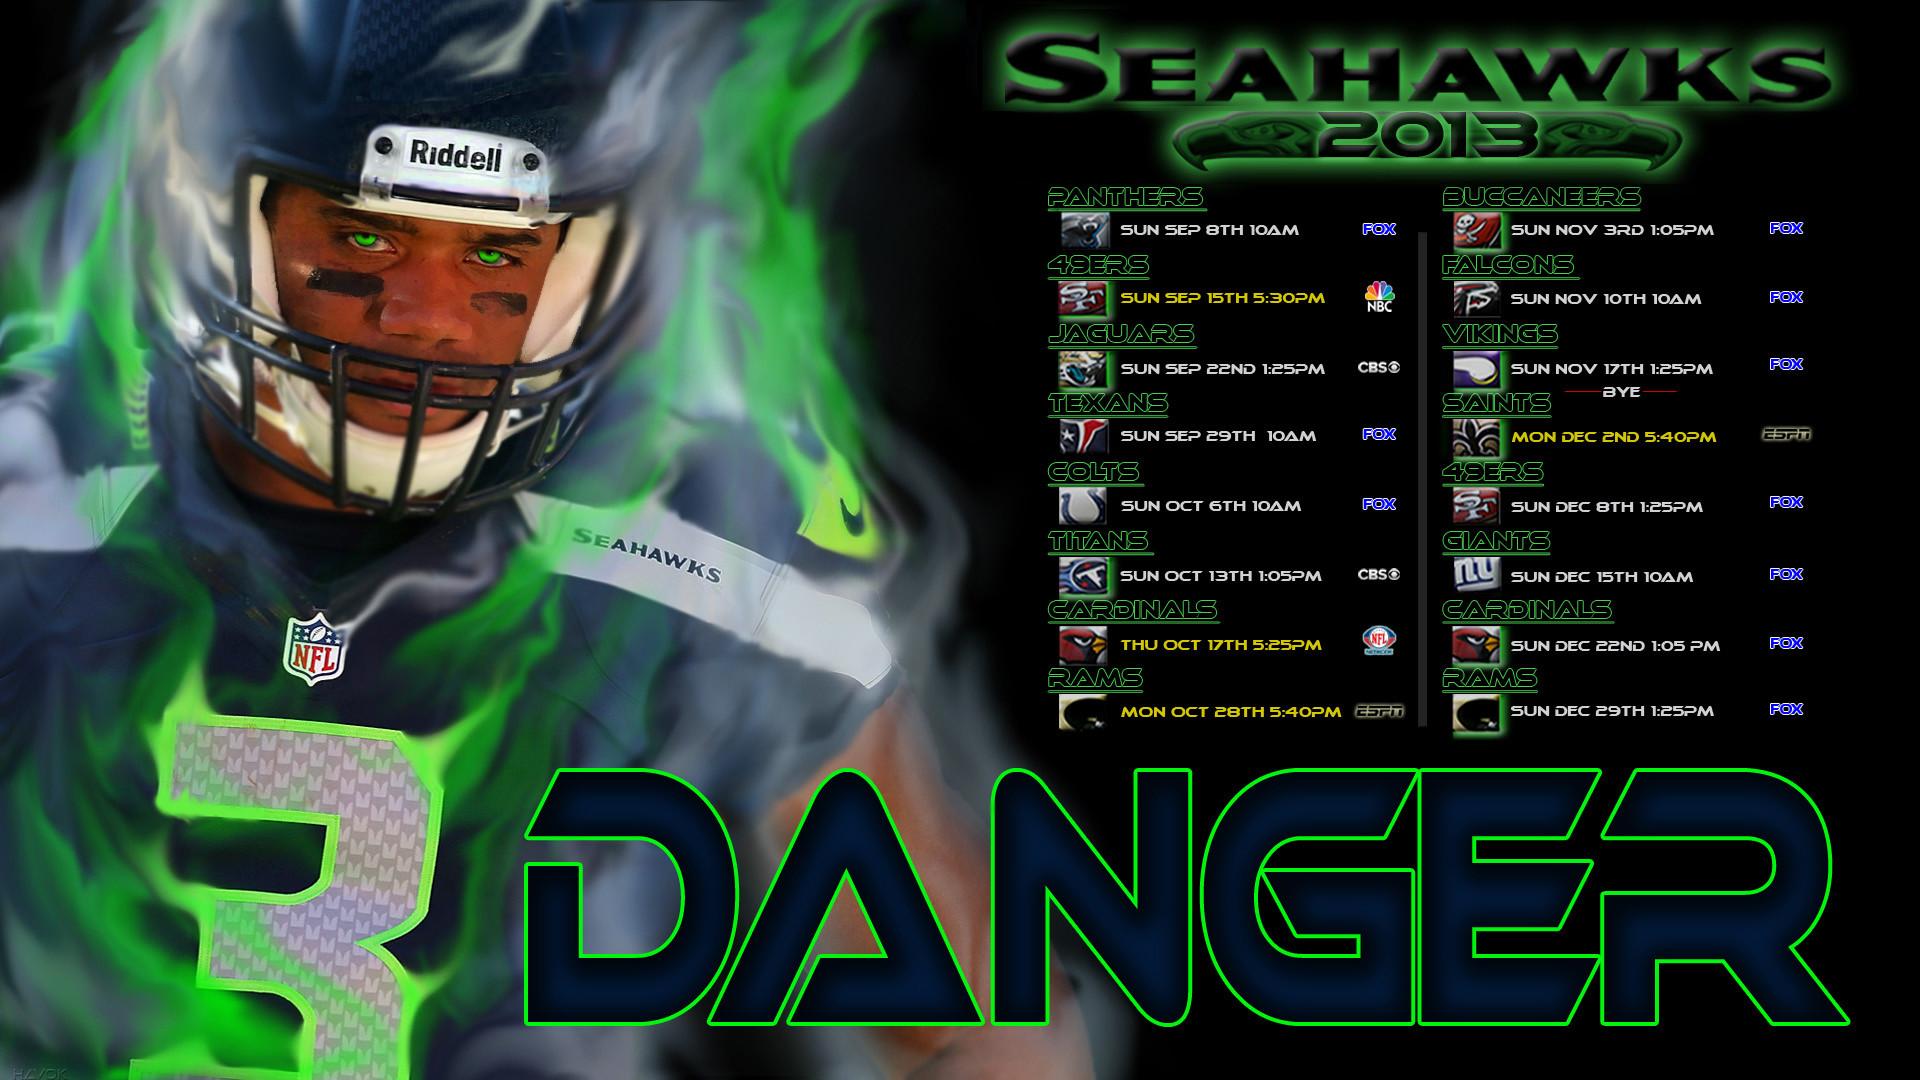 Seahawks Iphone Wallpaper 2013 2013 seatlle seahawks football